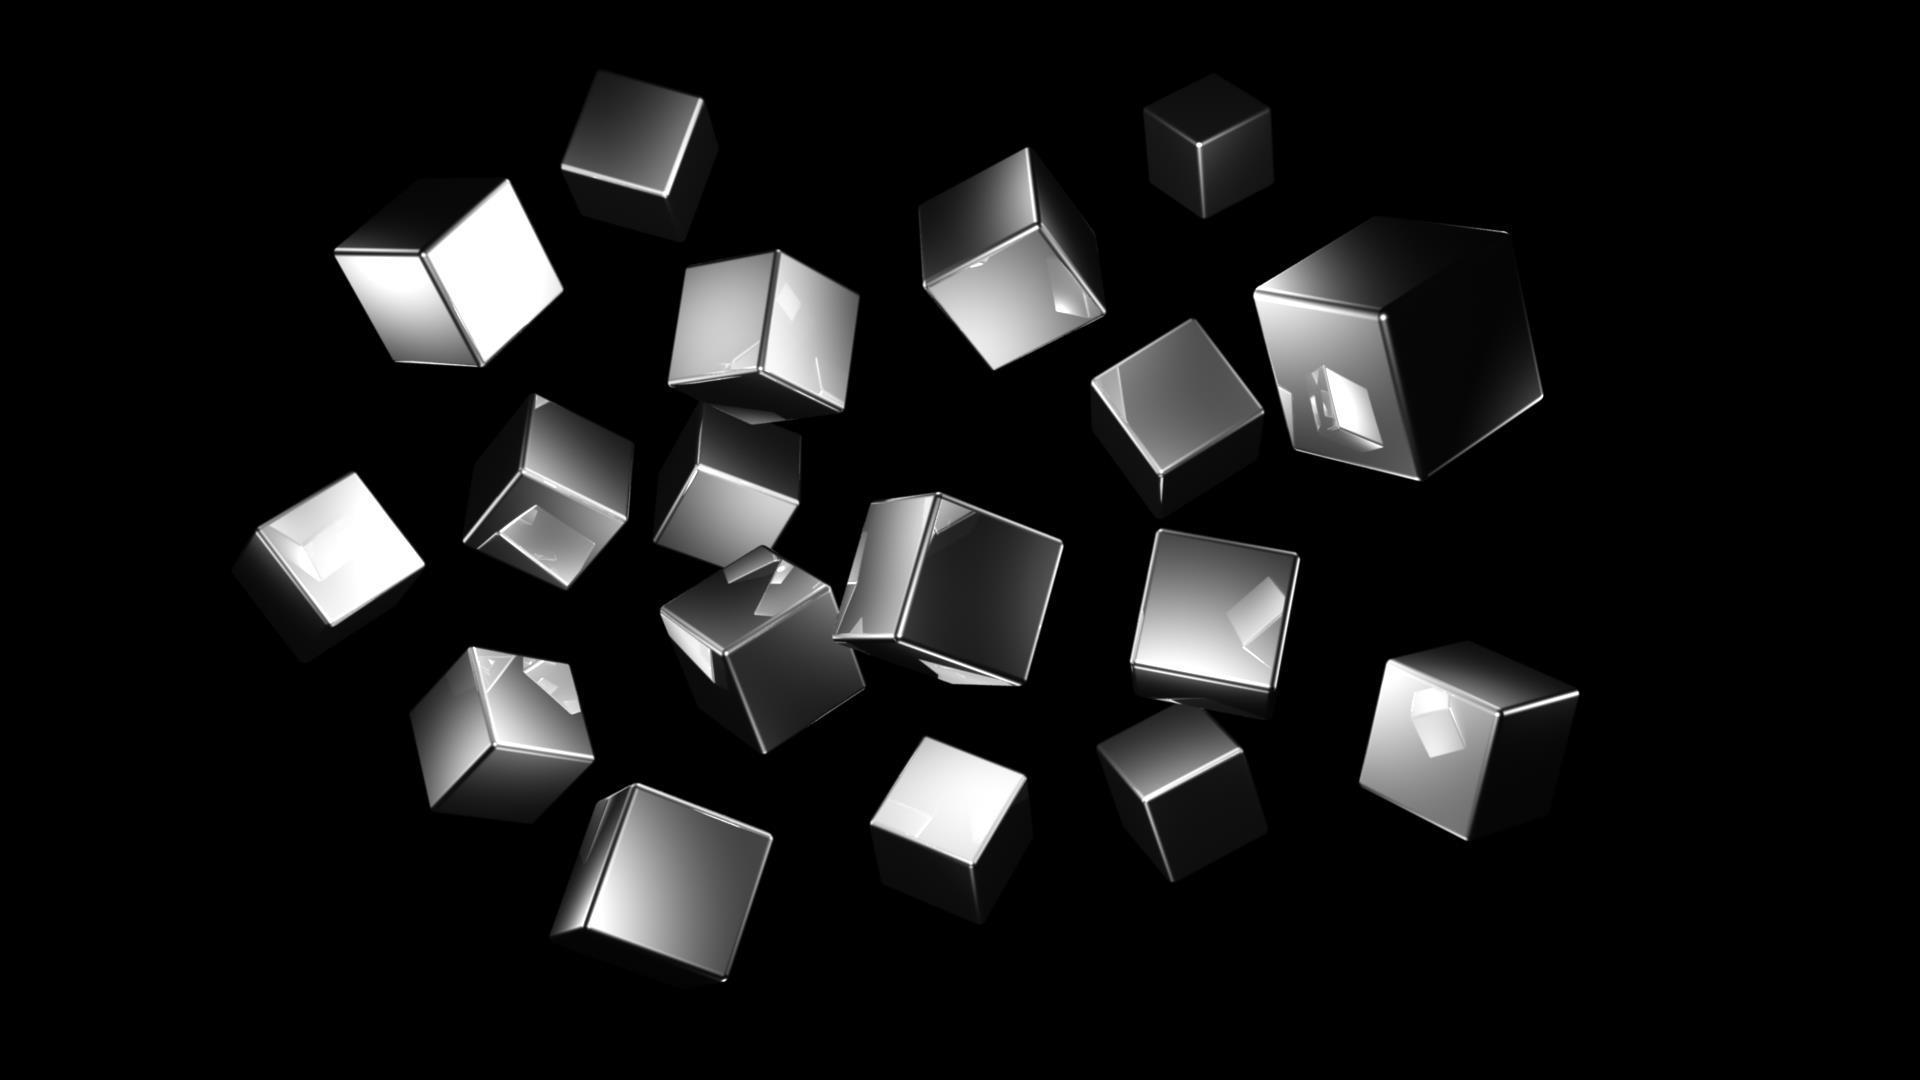 informatique-et-image-numerique_art-graphique_06